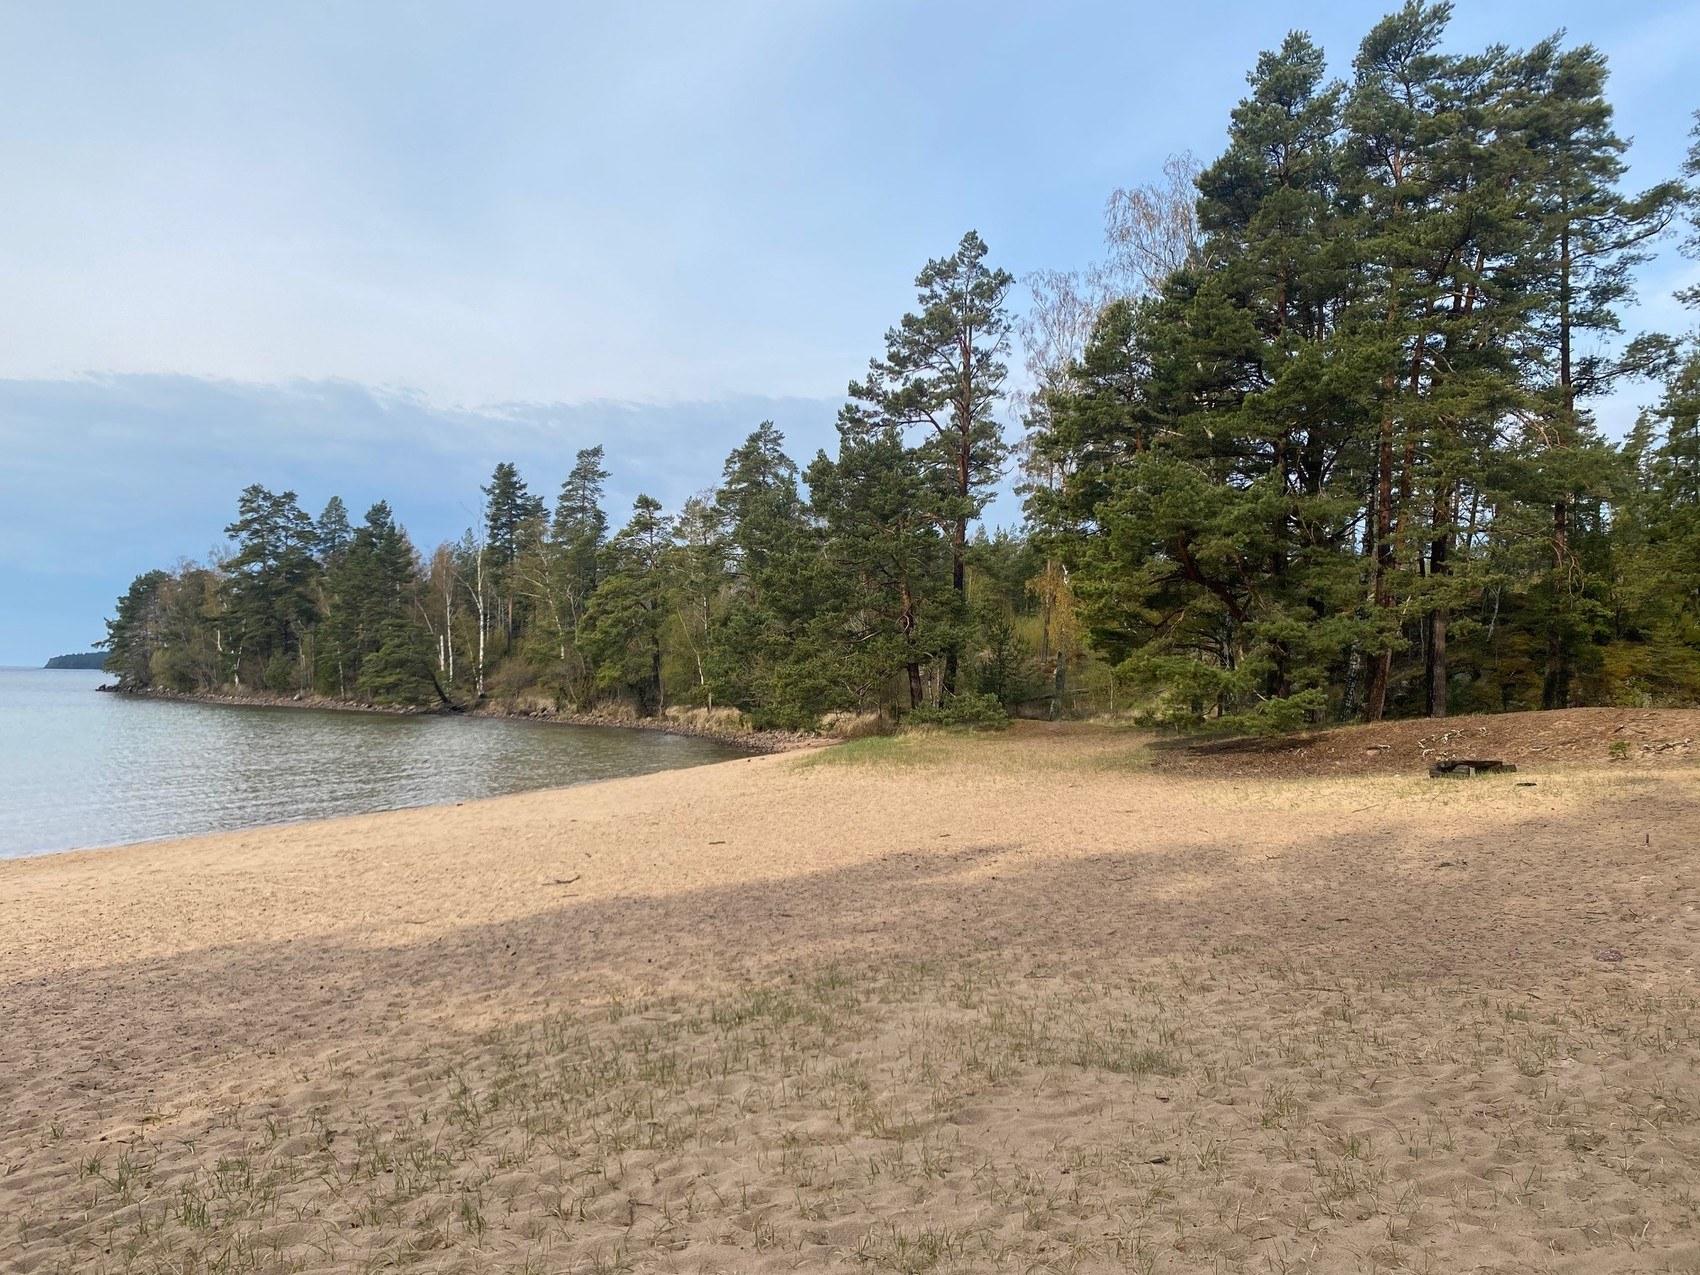 Bred sandstrand. Längre bort breder träd ut sig längs med vattnet.